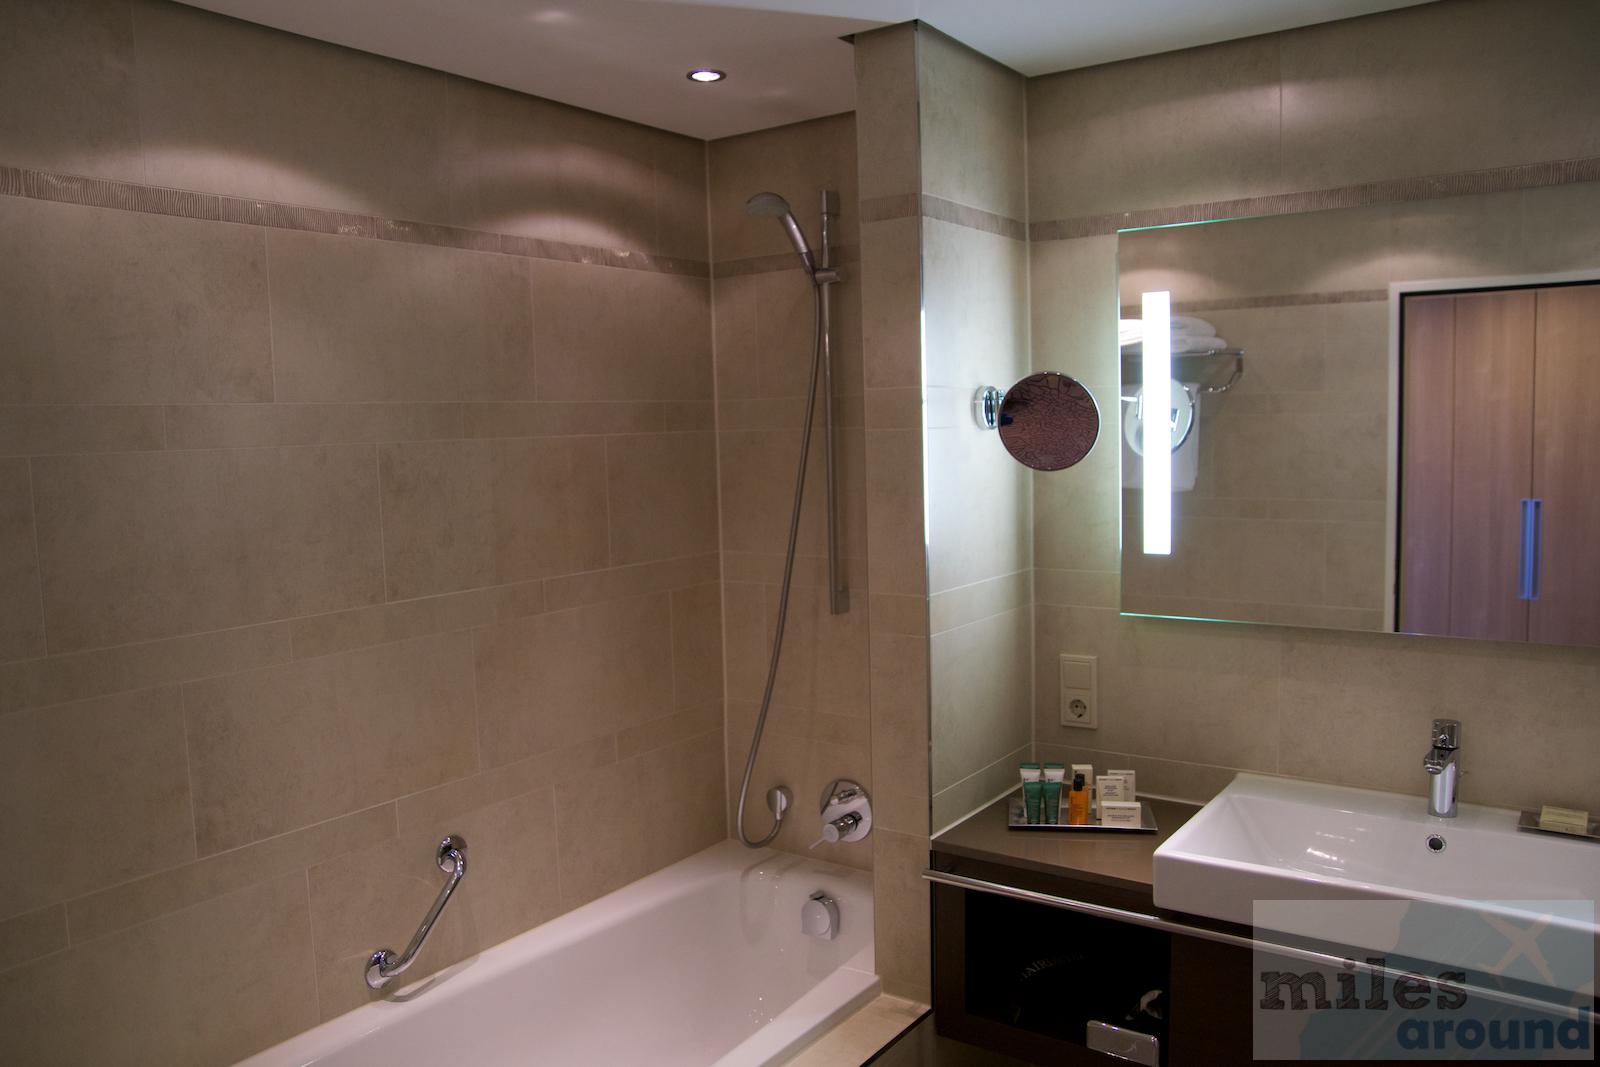 hotel bewertung hilton mainz vier sterne hotel direkt am rheinufer. Black Bedroom Furniture Sets. Home Design Ideas